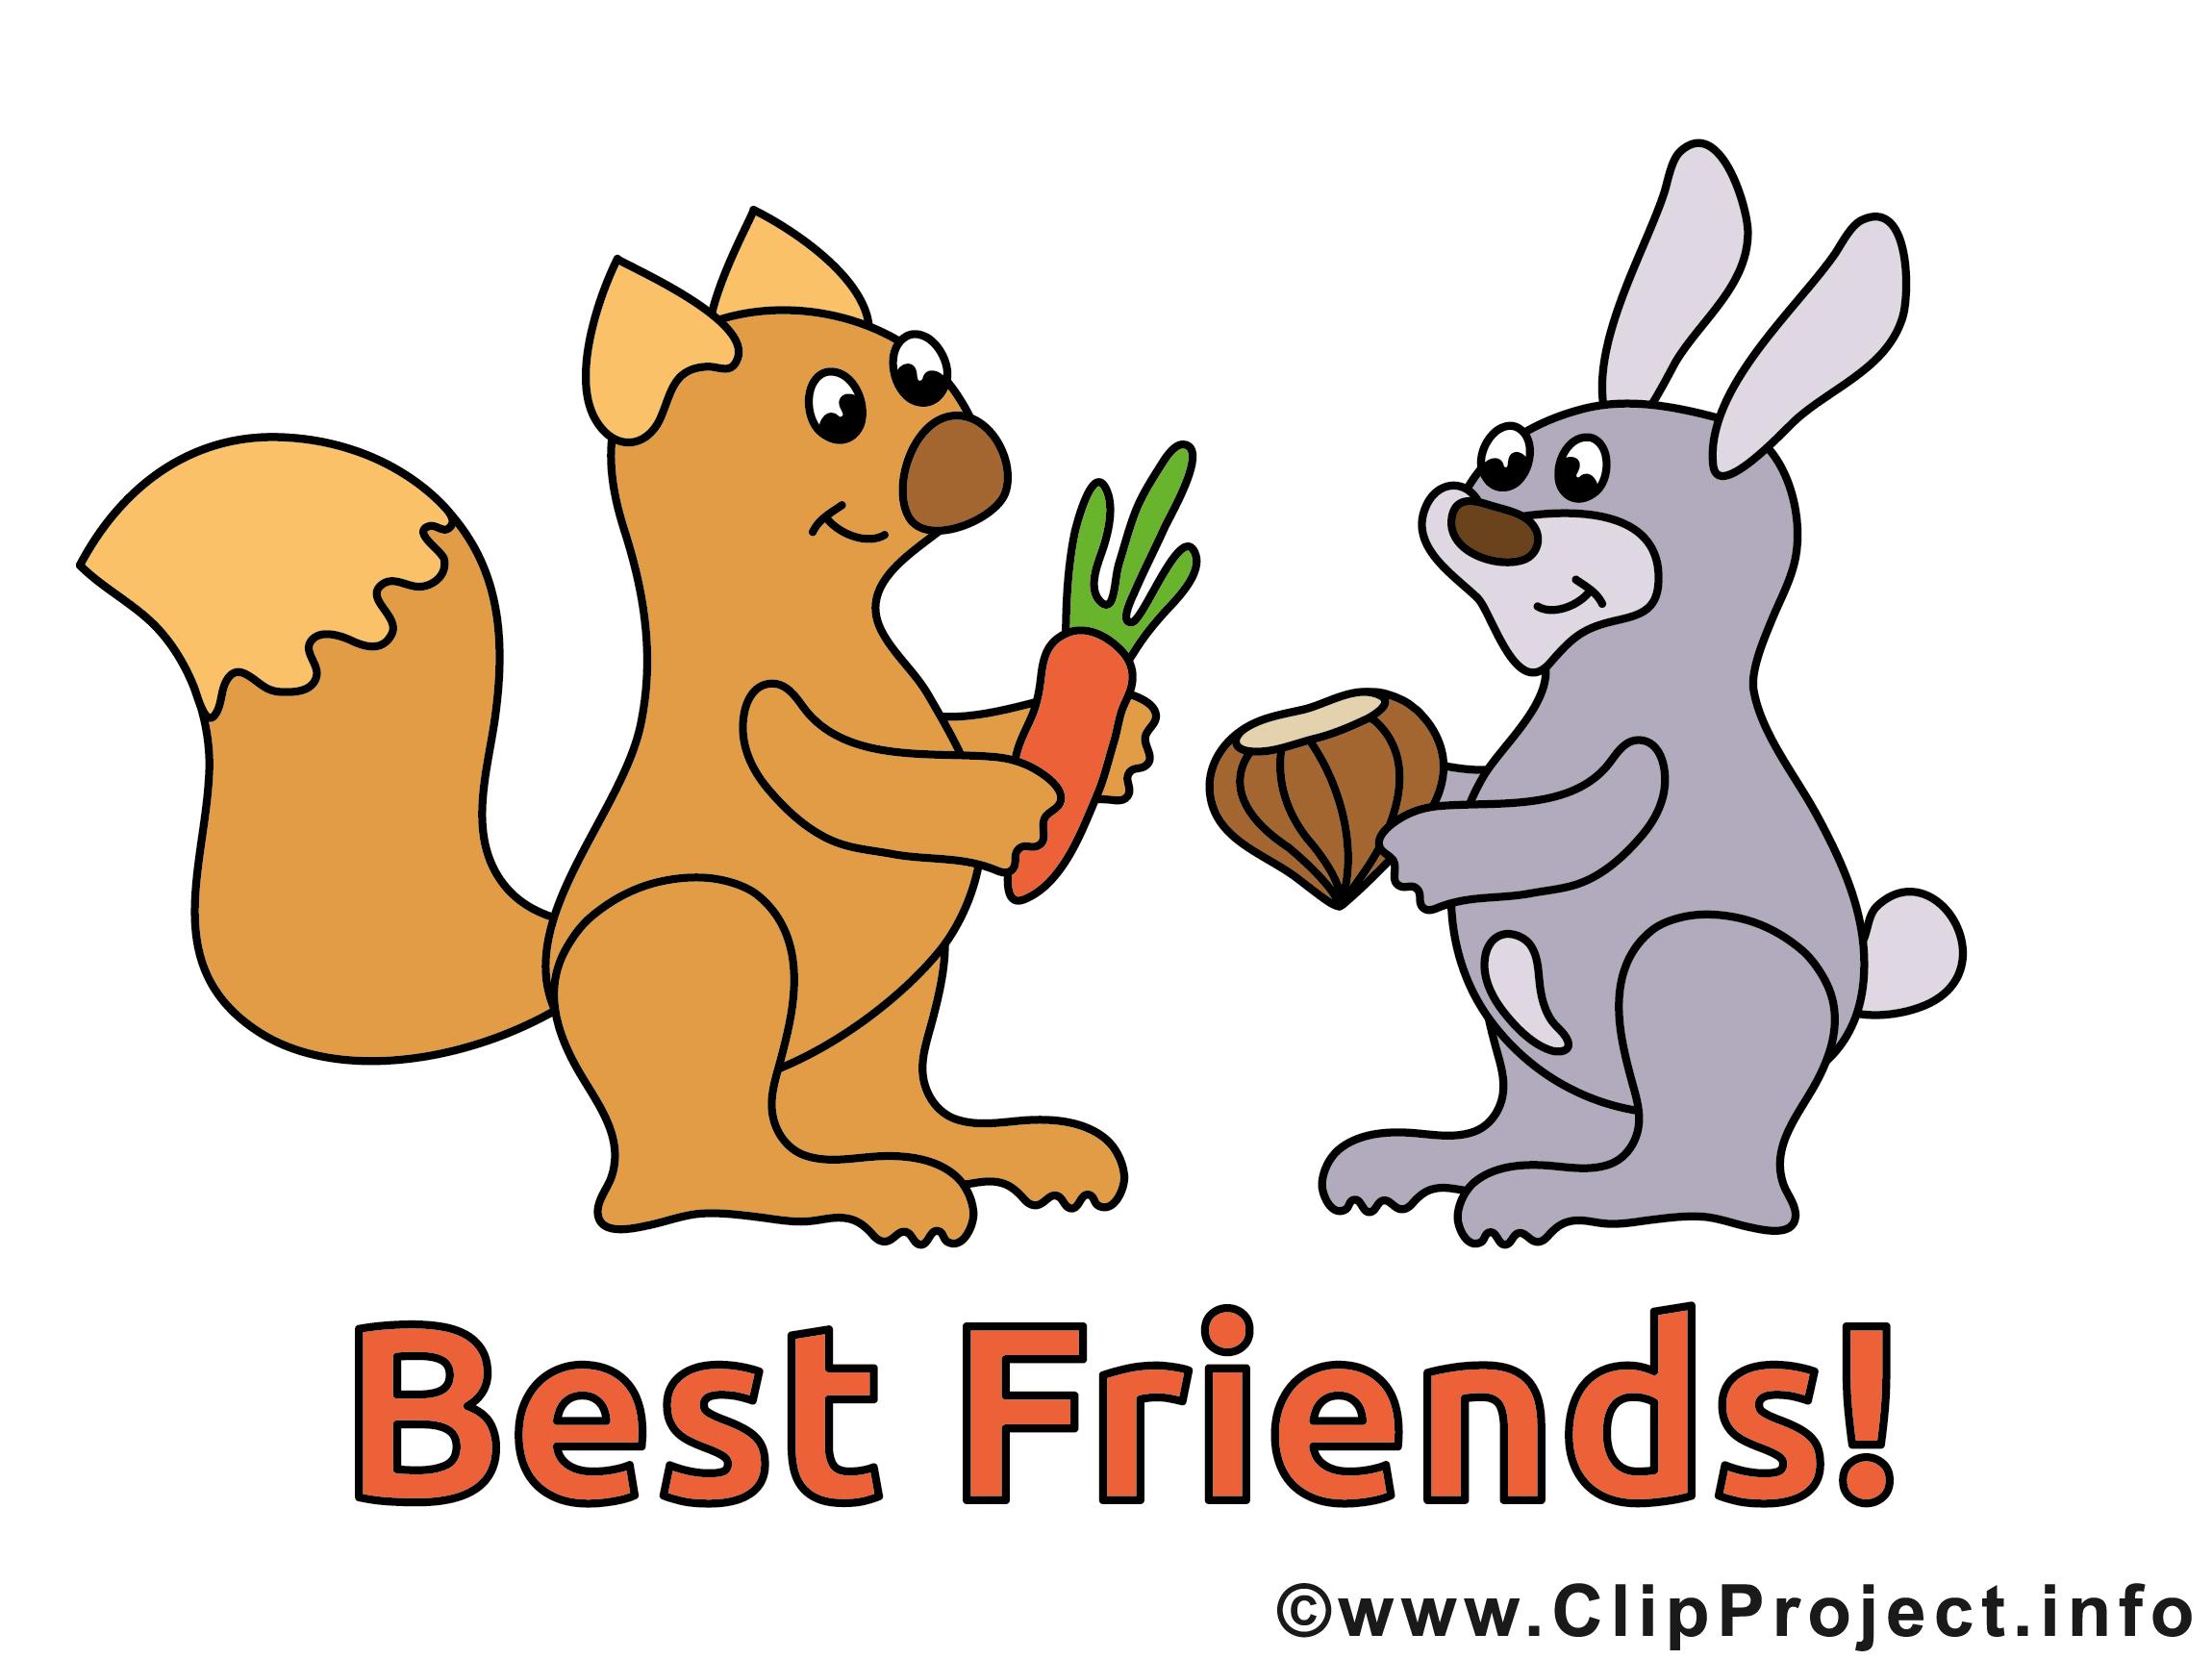 Bilder Beste Freunde